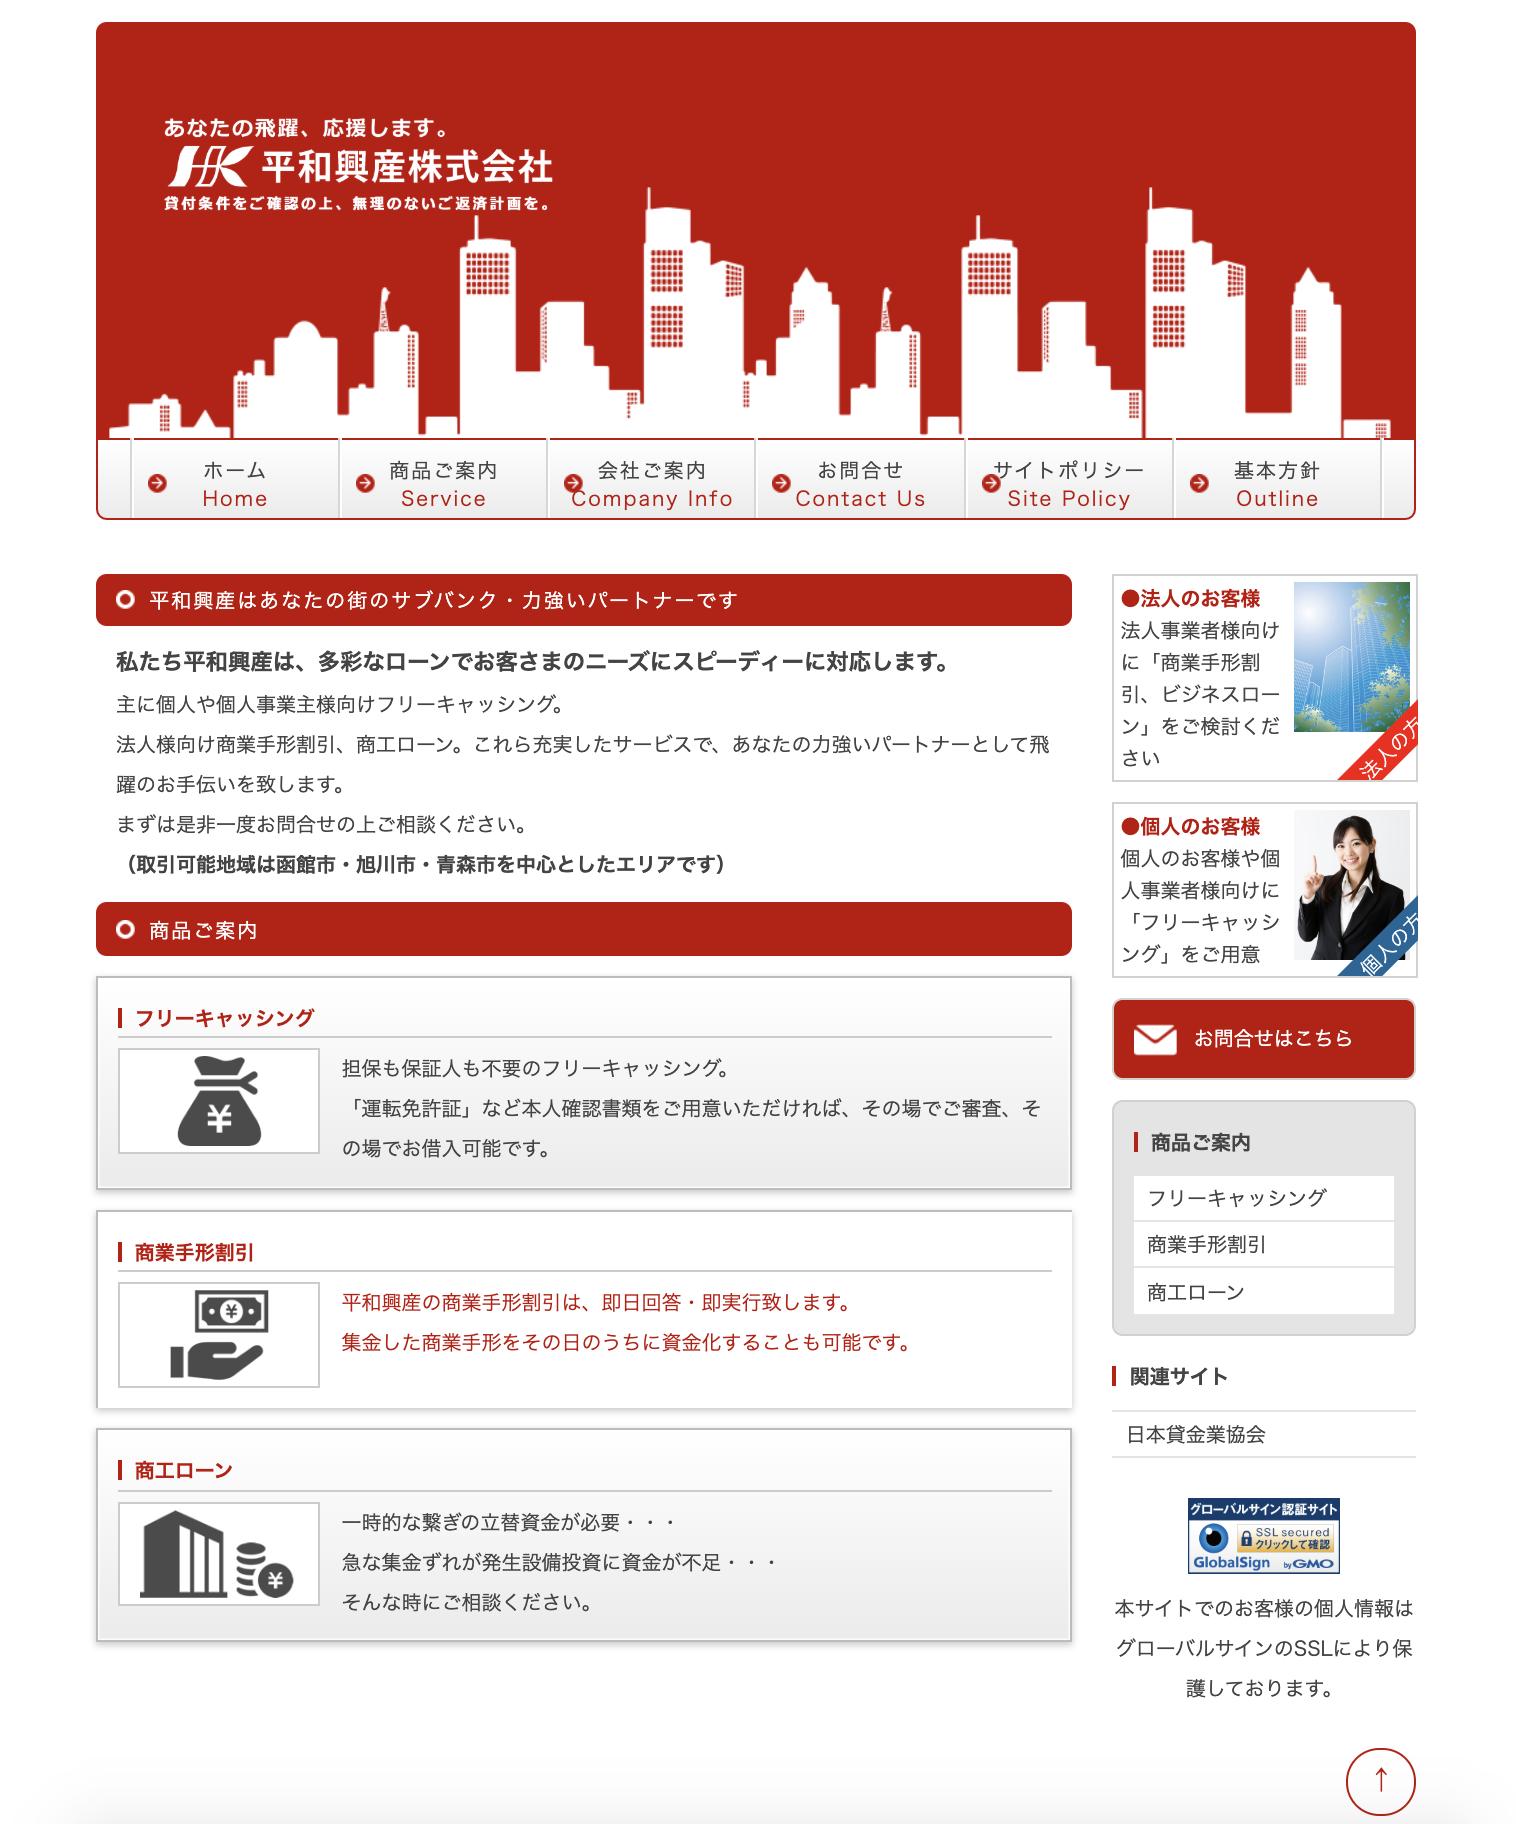 平和興産のホームページの画像